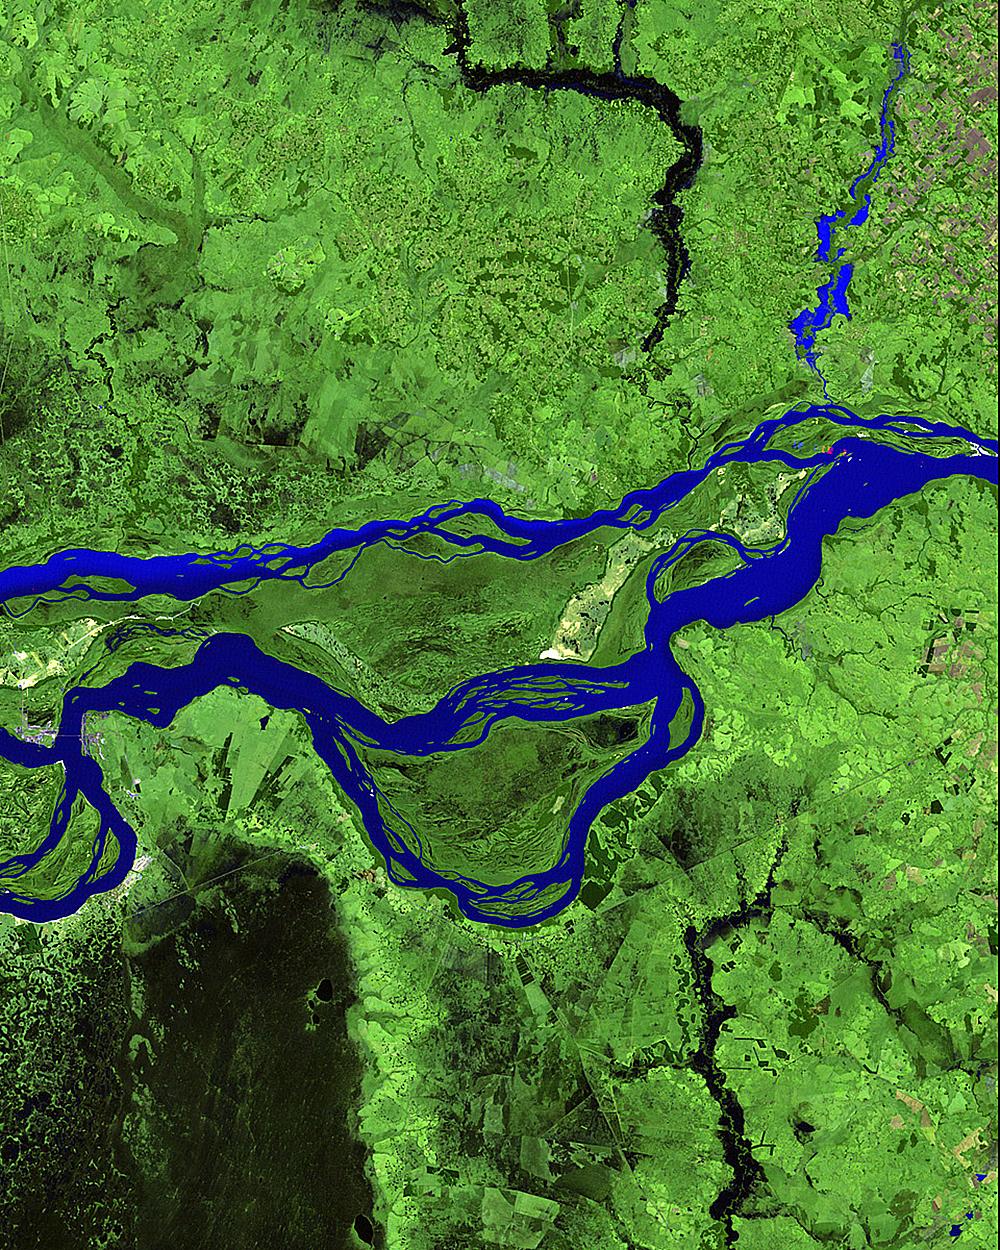 Изображение 1985 года показывает часть системы рек вскоре после того, как началось строительство ста